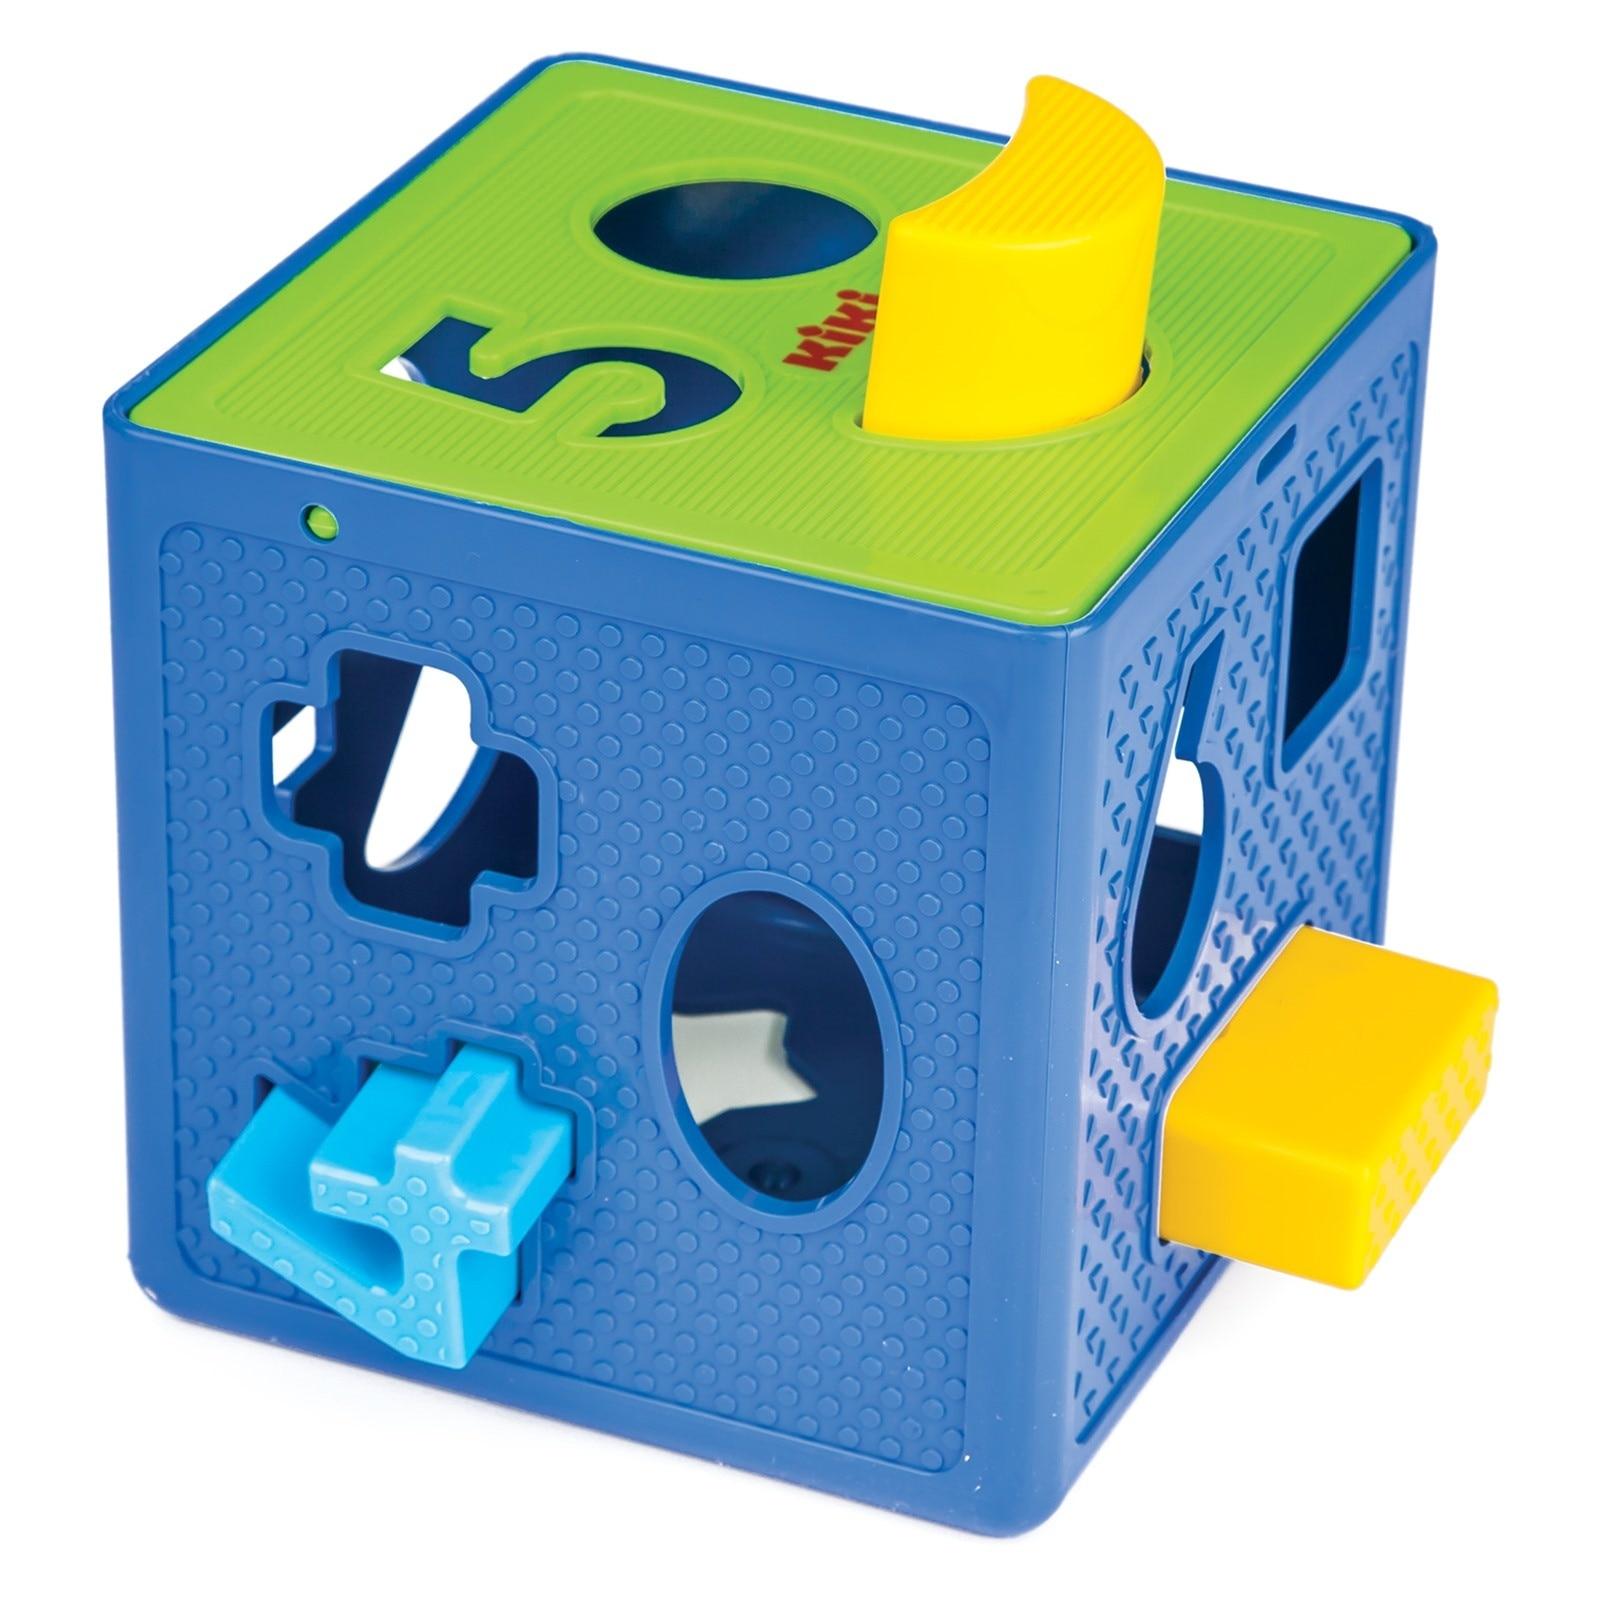 Ebebek Kiki Entertaining Shape Sorter Cube